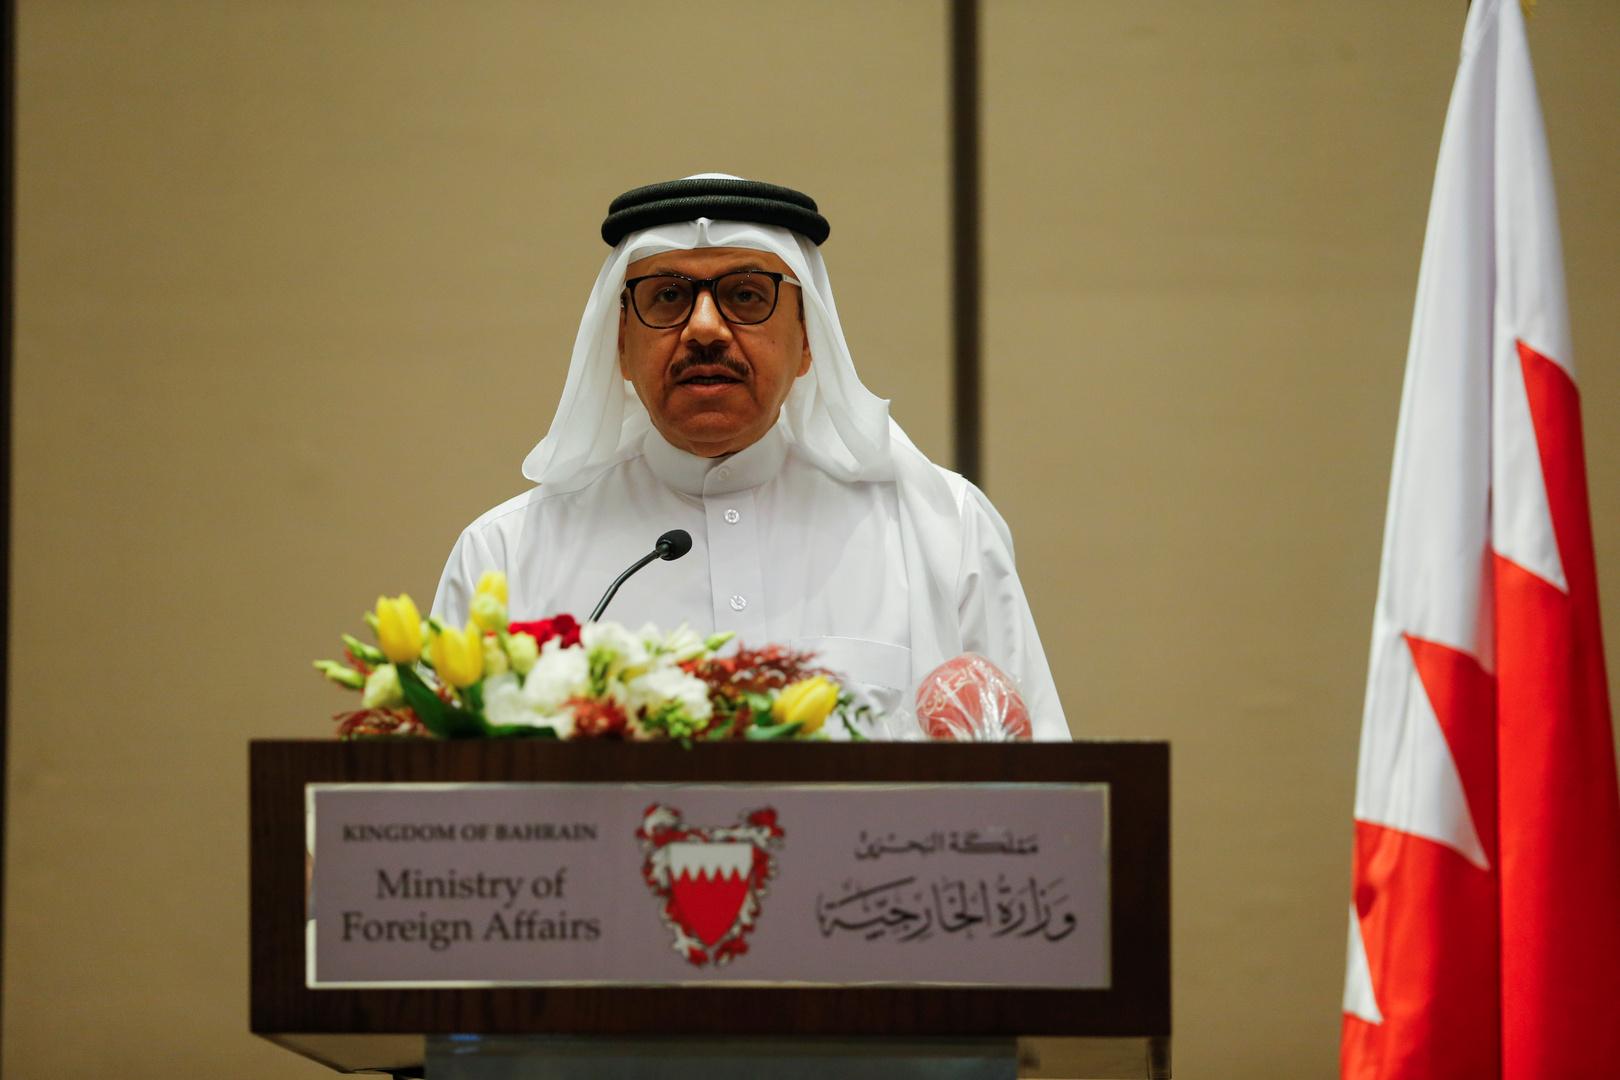 وزير خارجية البحرين، عبد اللطيف بن راشد الزياني.